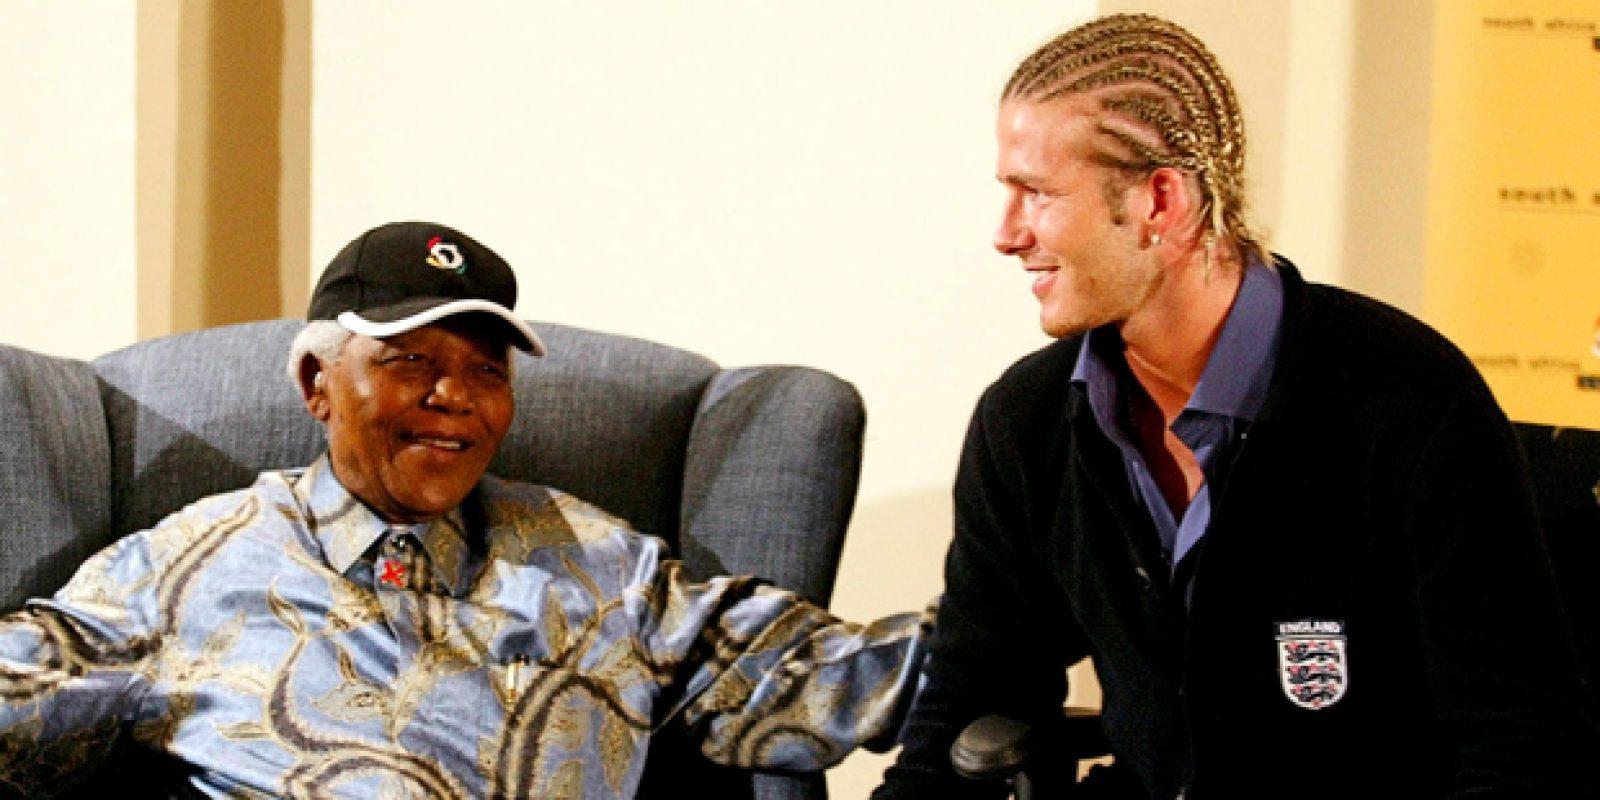 Em imagem de 2003, o ex-presidente sul-africano Nelson Mandela conversa com o capitão da seleção inglesa David Beckham, no escritório da Fundação Nelson Mandela, em Joanesburgo | Juda Ngwenya/Reuters